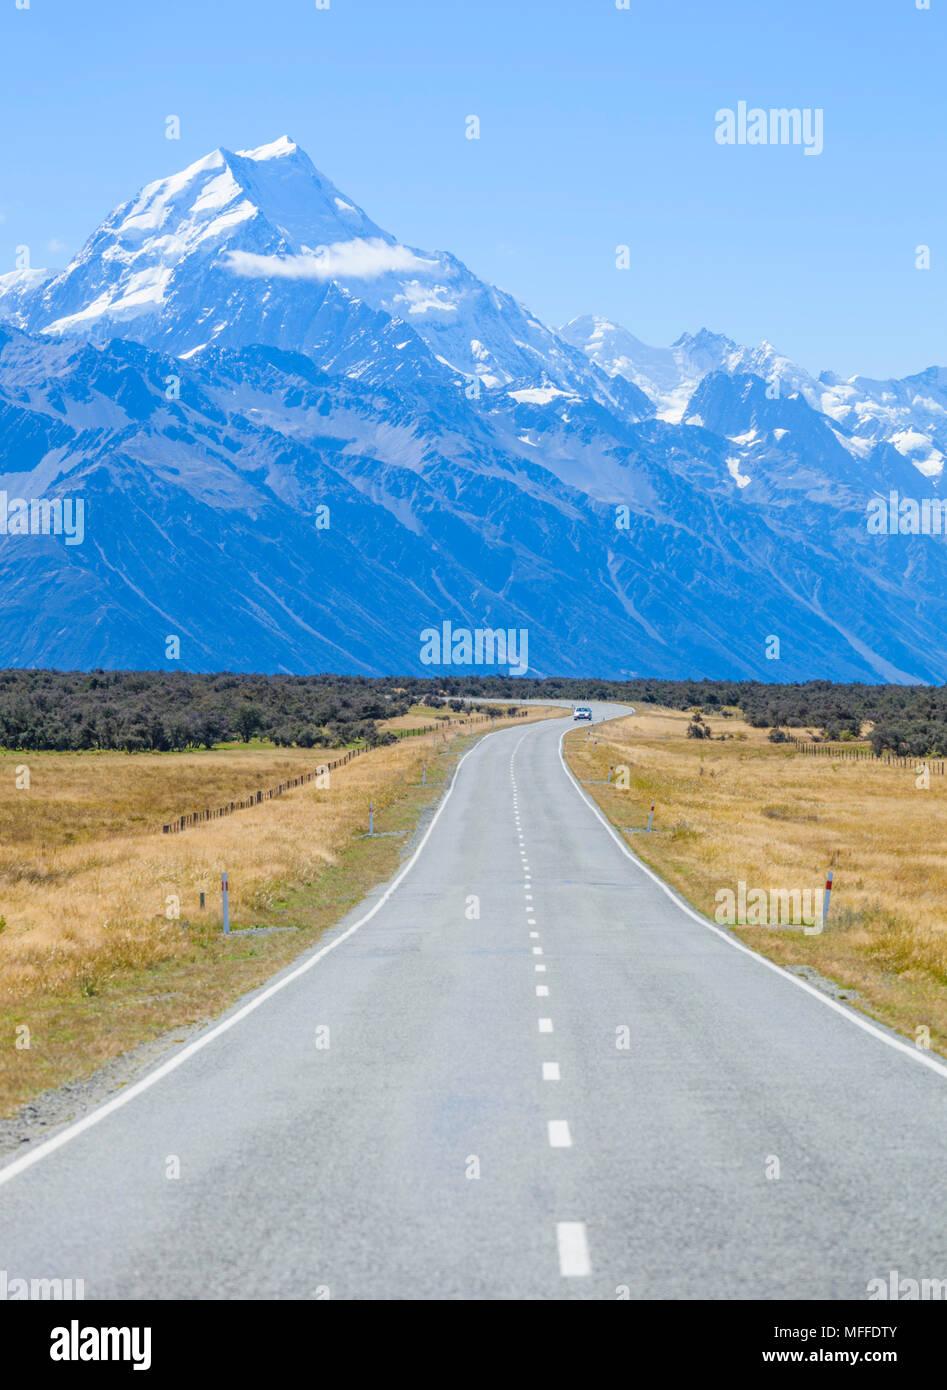 La Nouvelle-Zélande île du Sud Nouvelle-Zélande un vide tout droit sans le trafic routier dans la région de Mount Cook nouvelle zélande Photo Stock